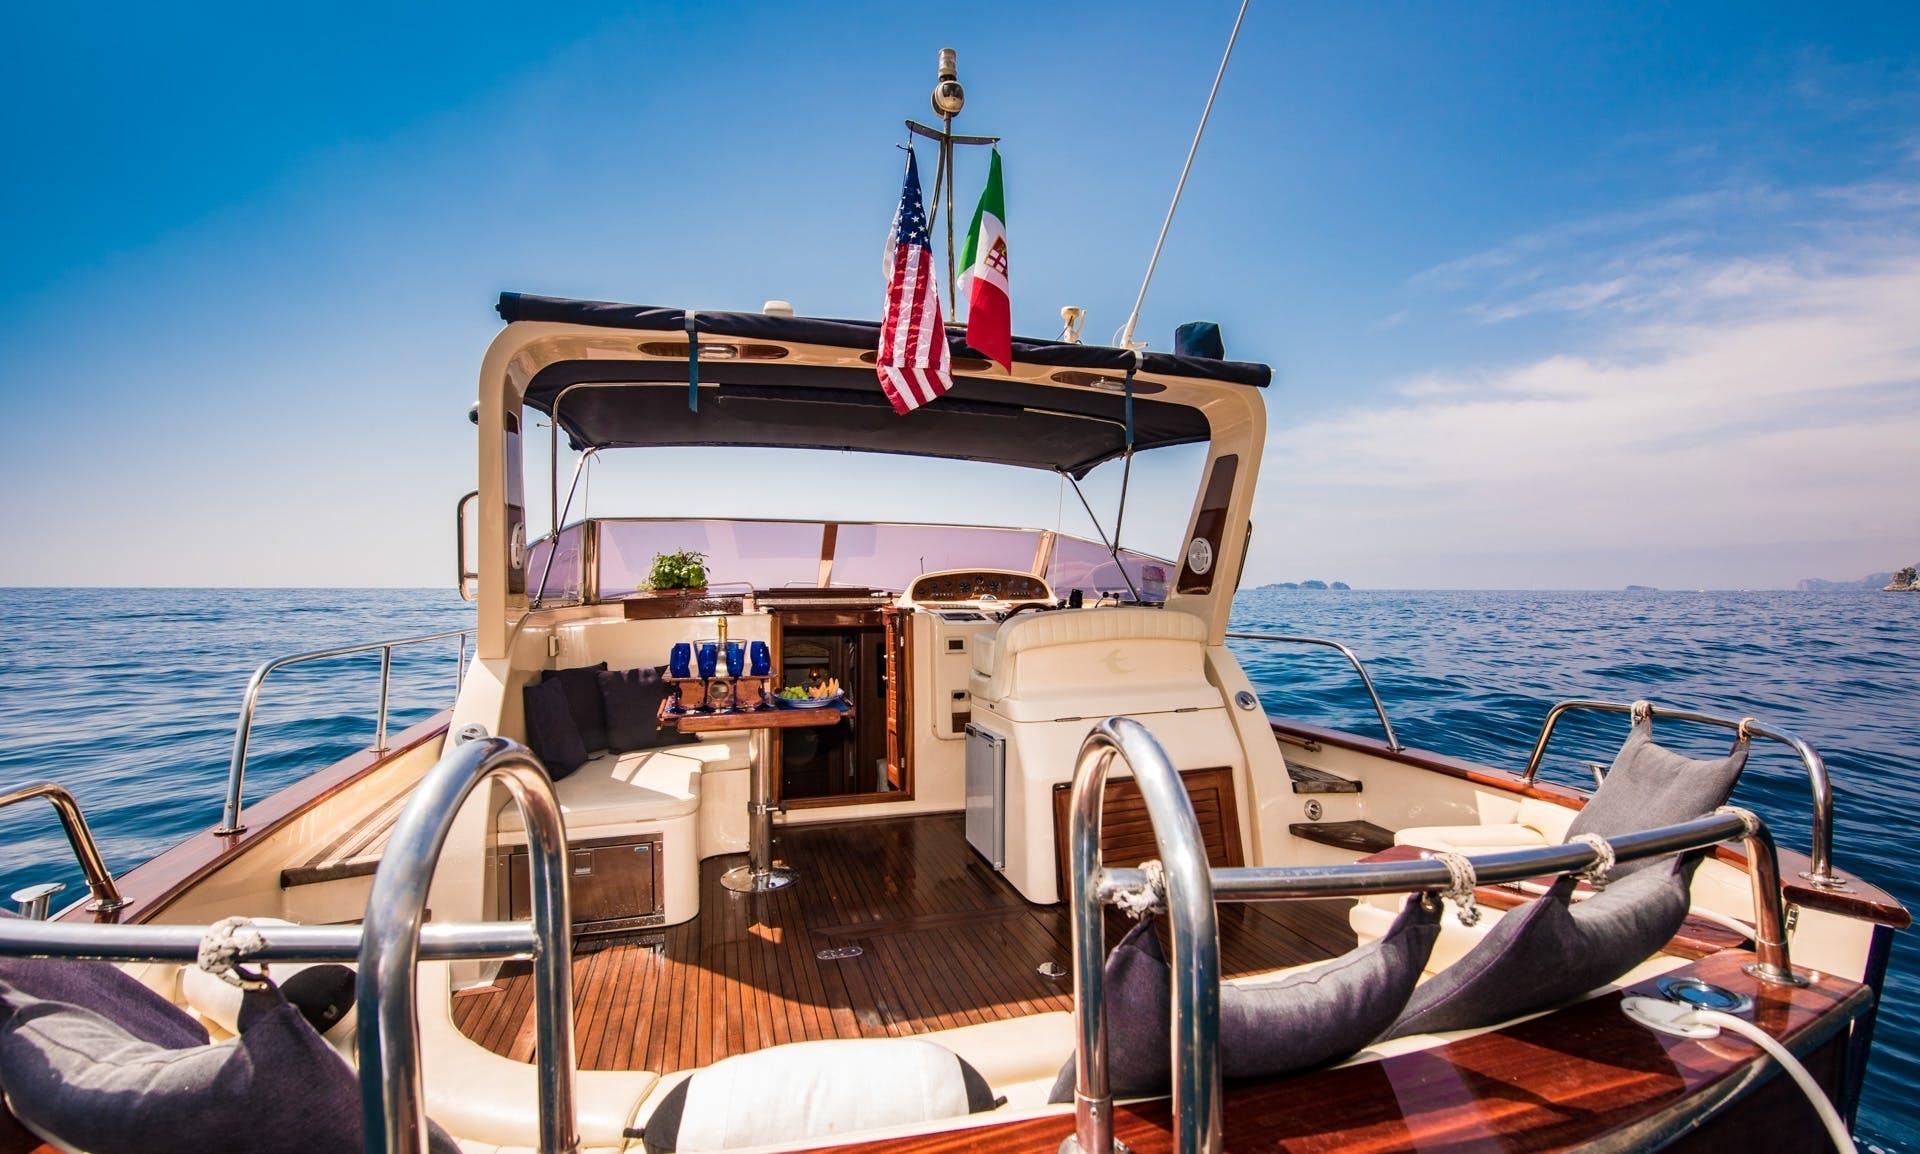 SEA LIVING POSITANO AMALFI COAST TOUR